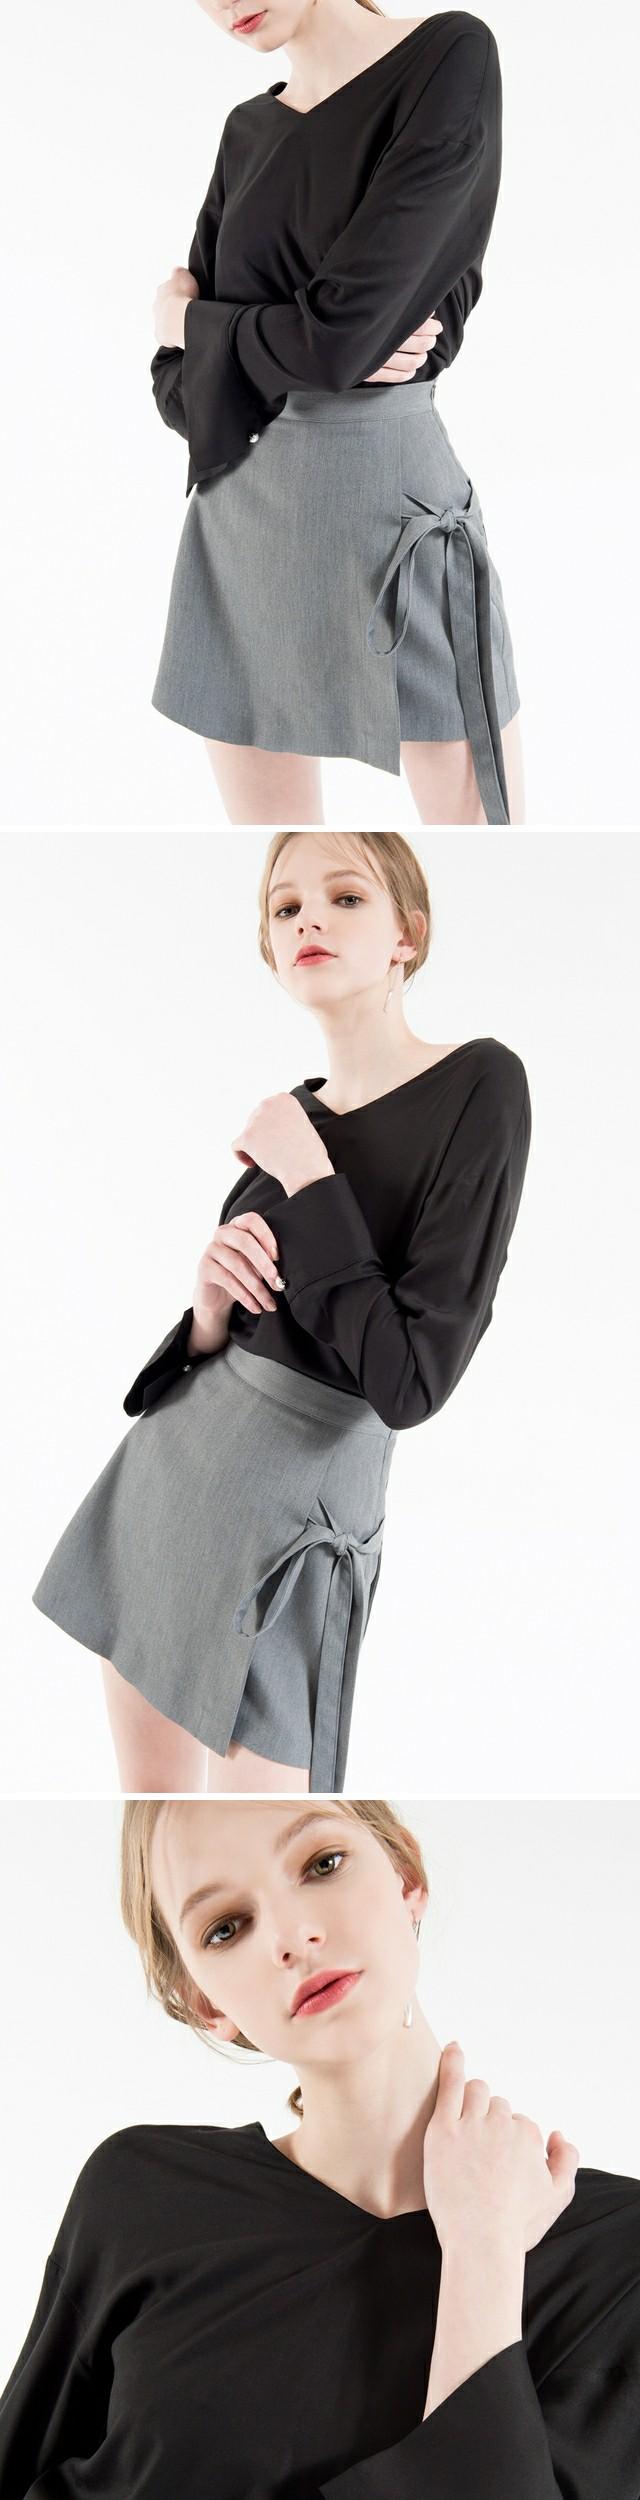 Culture Wrap Skirt Pants